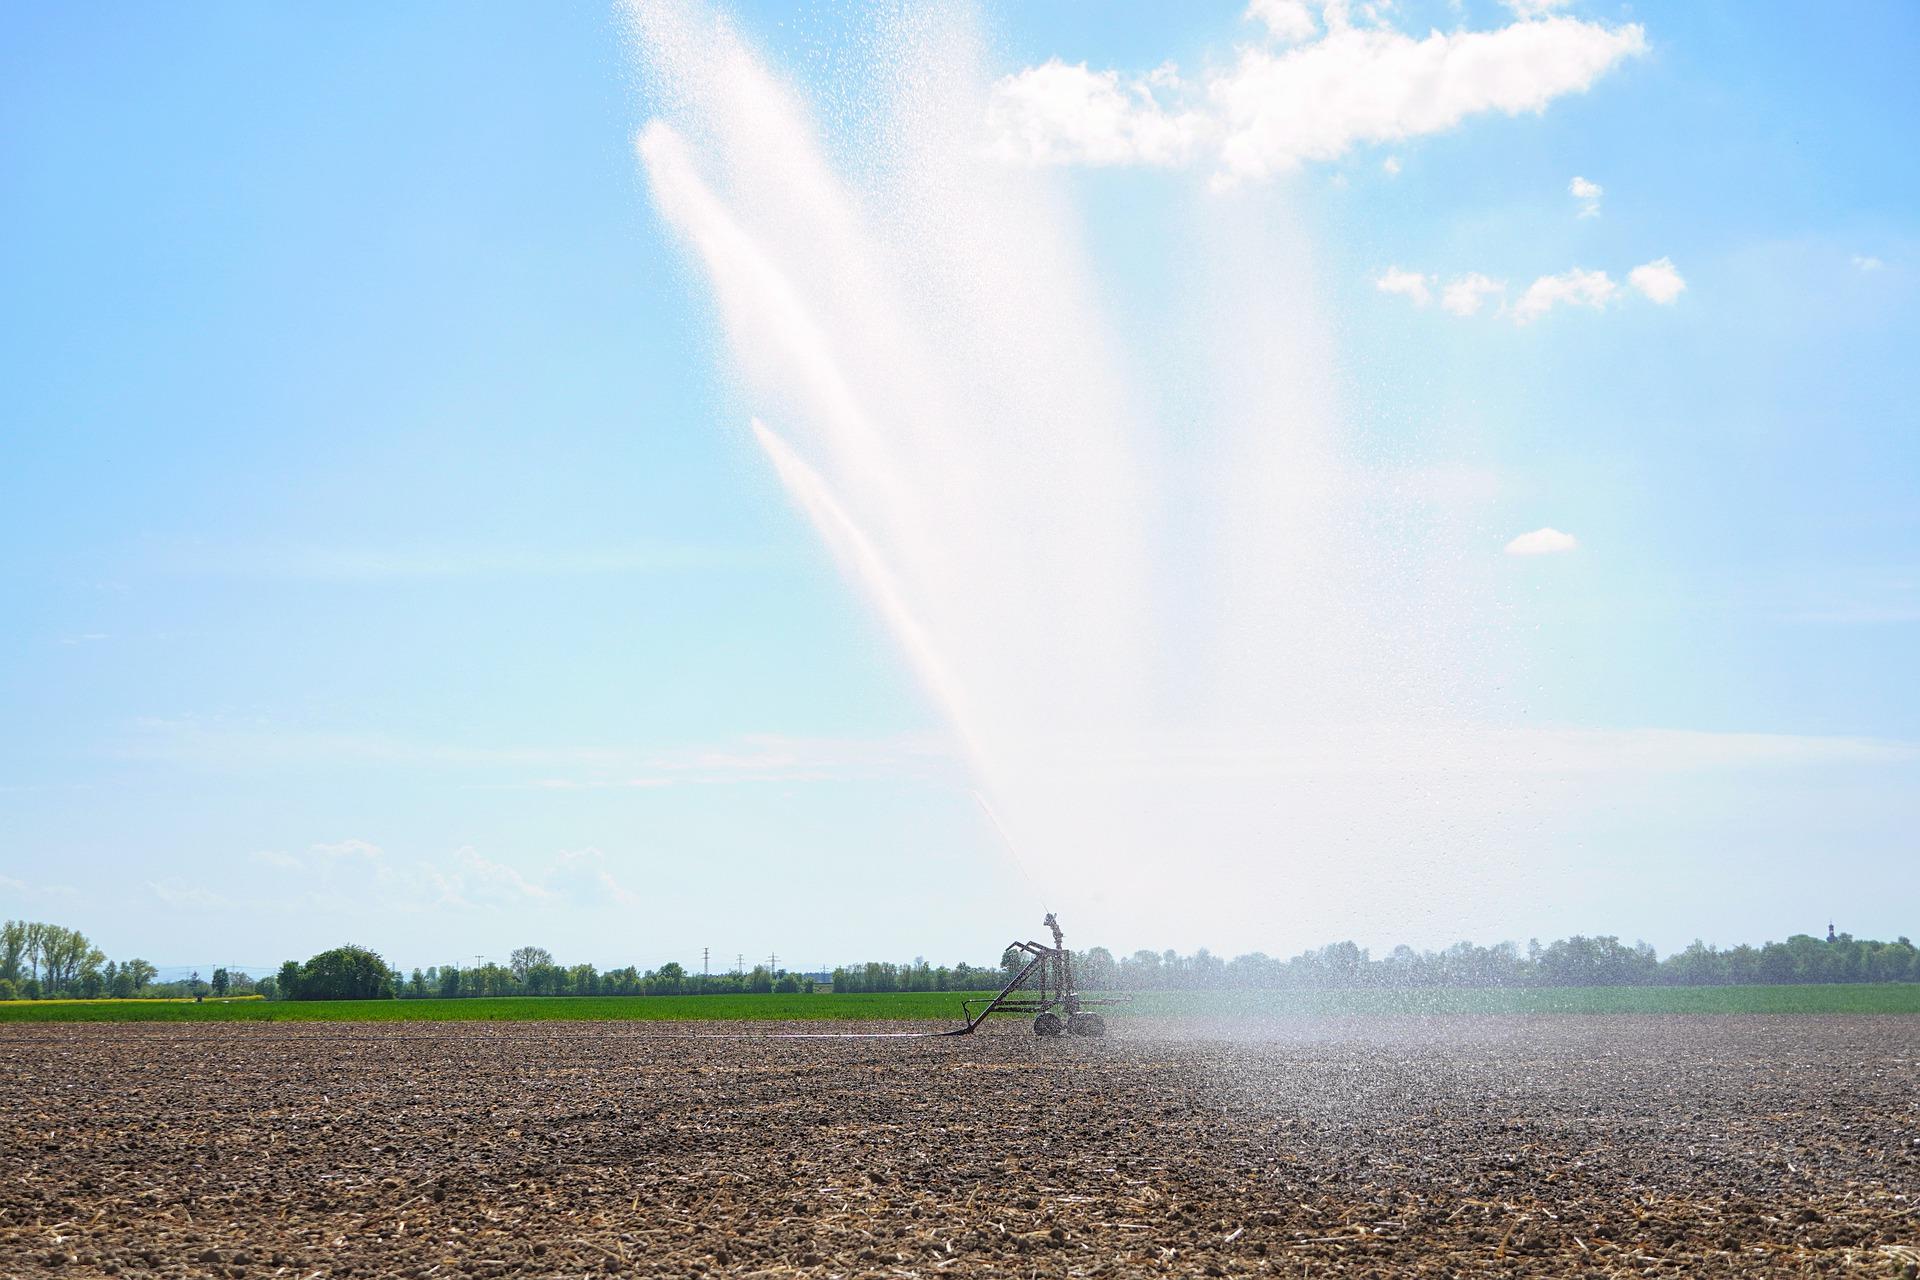 Le Maroc met fin aux irrigations des terres agricoles du souss-massa en raison du manque d'eau